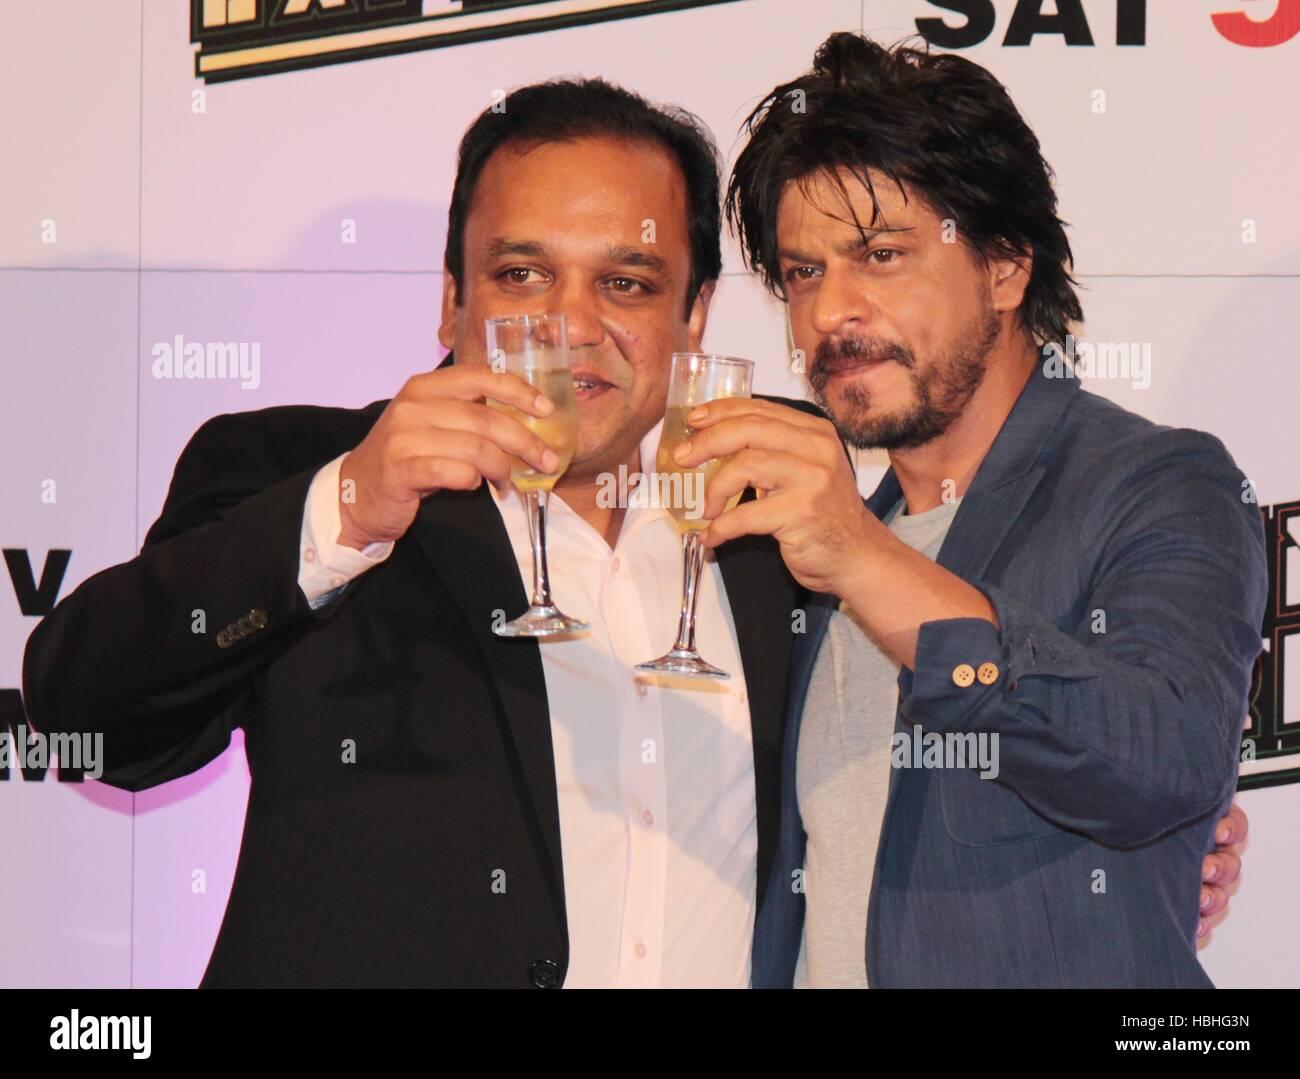 Punit Goenka Unterhaltung Unternehmen begrenzt Shah Rukh Khan während Zee TV Erfolg Partei Film Chennai Express Stockbild